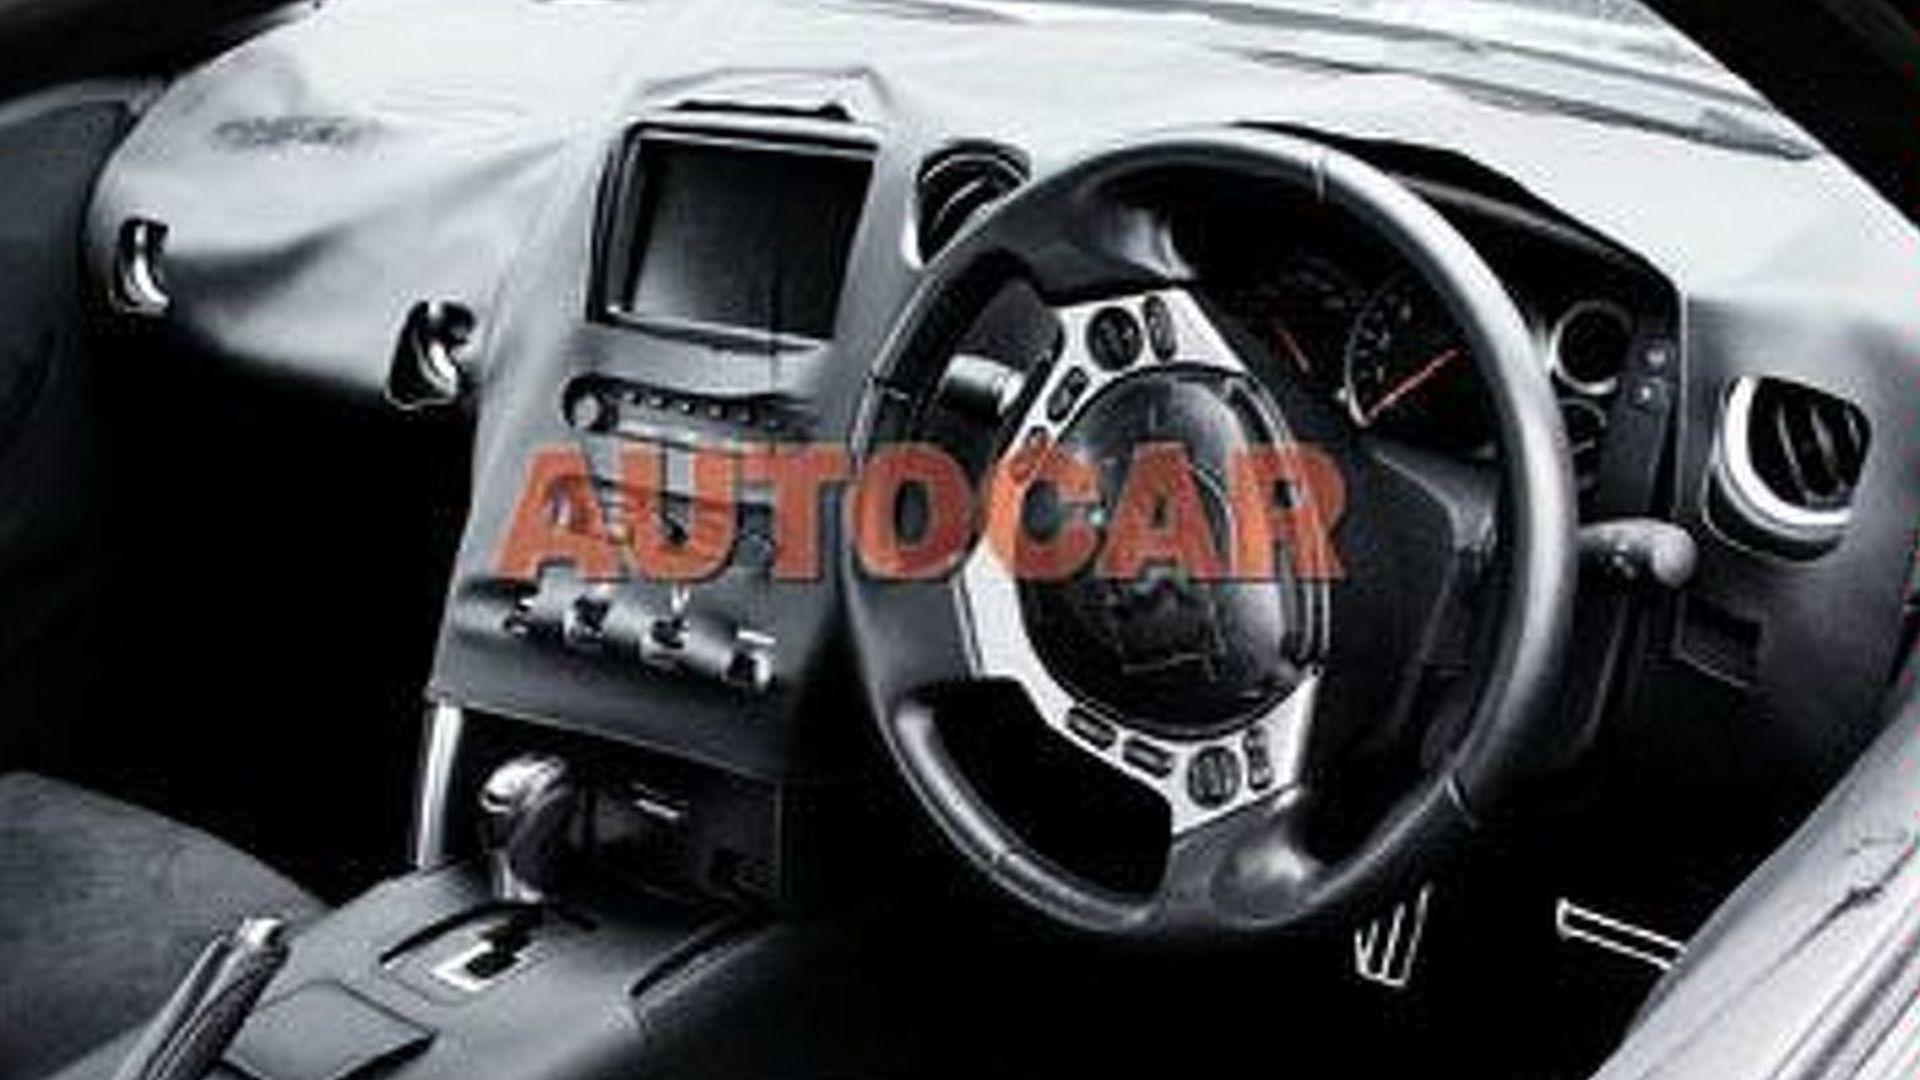 Nissan GT-R Goodwood video!